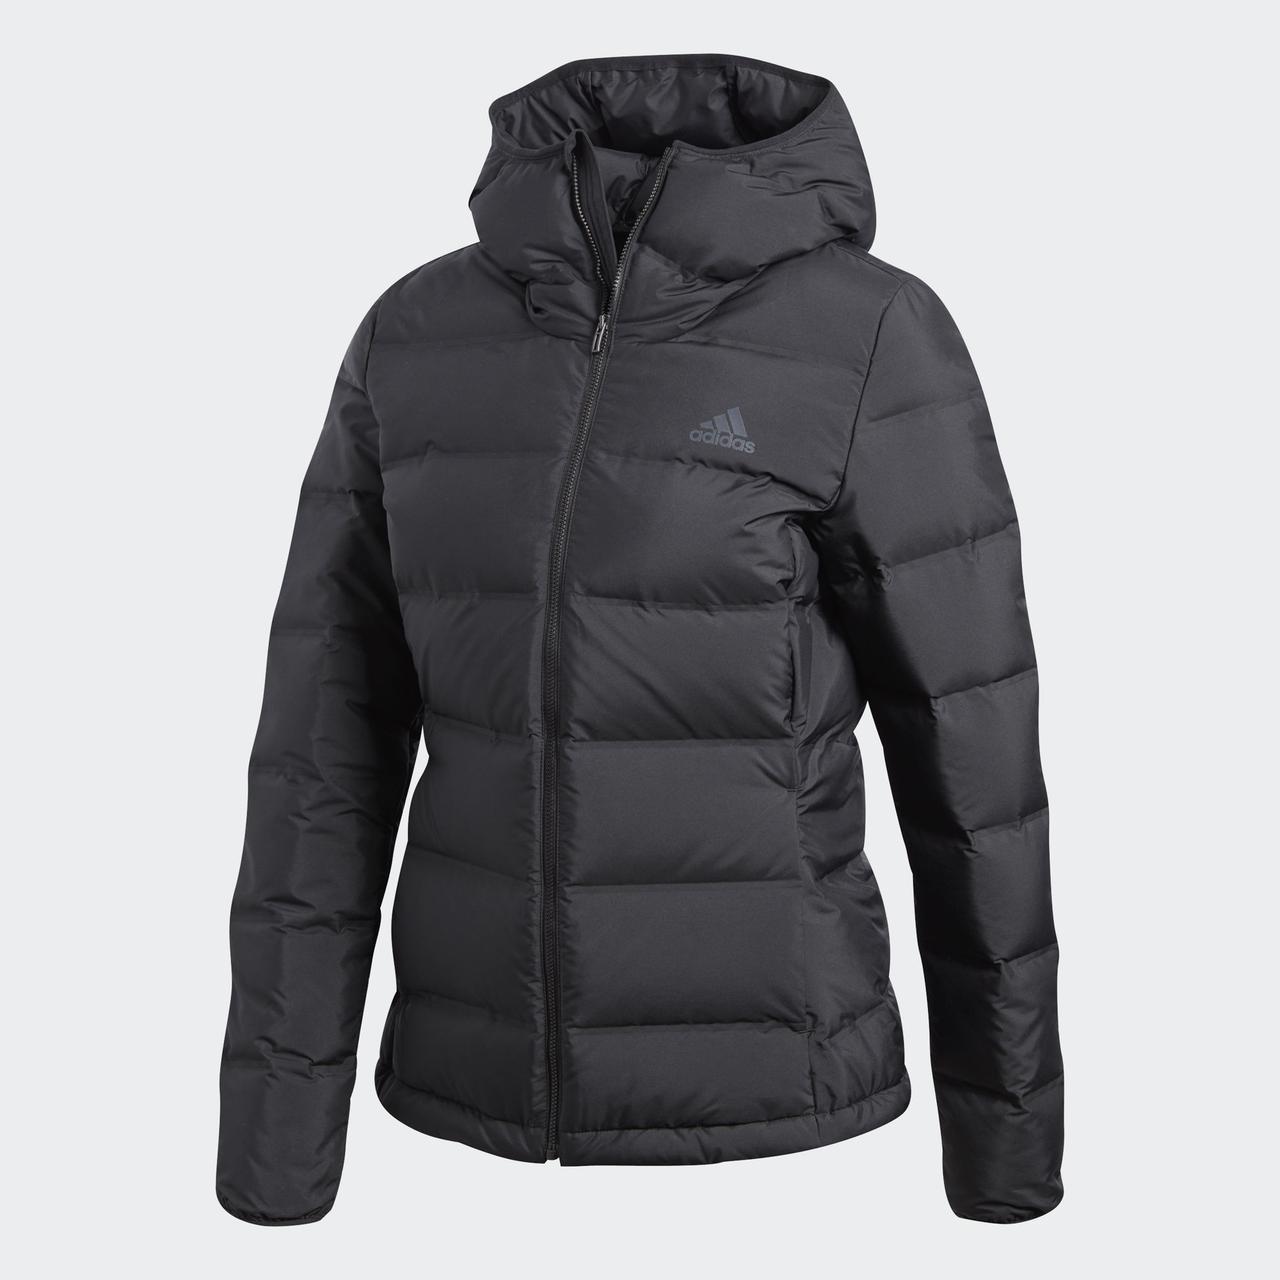 4ee169ec93d68 Мужской пуховик Adidas Helionic Hooded Down Jacket: продажа, цена в ...